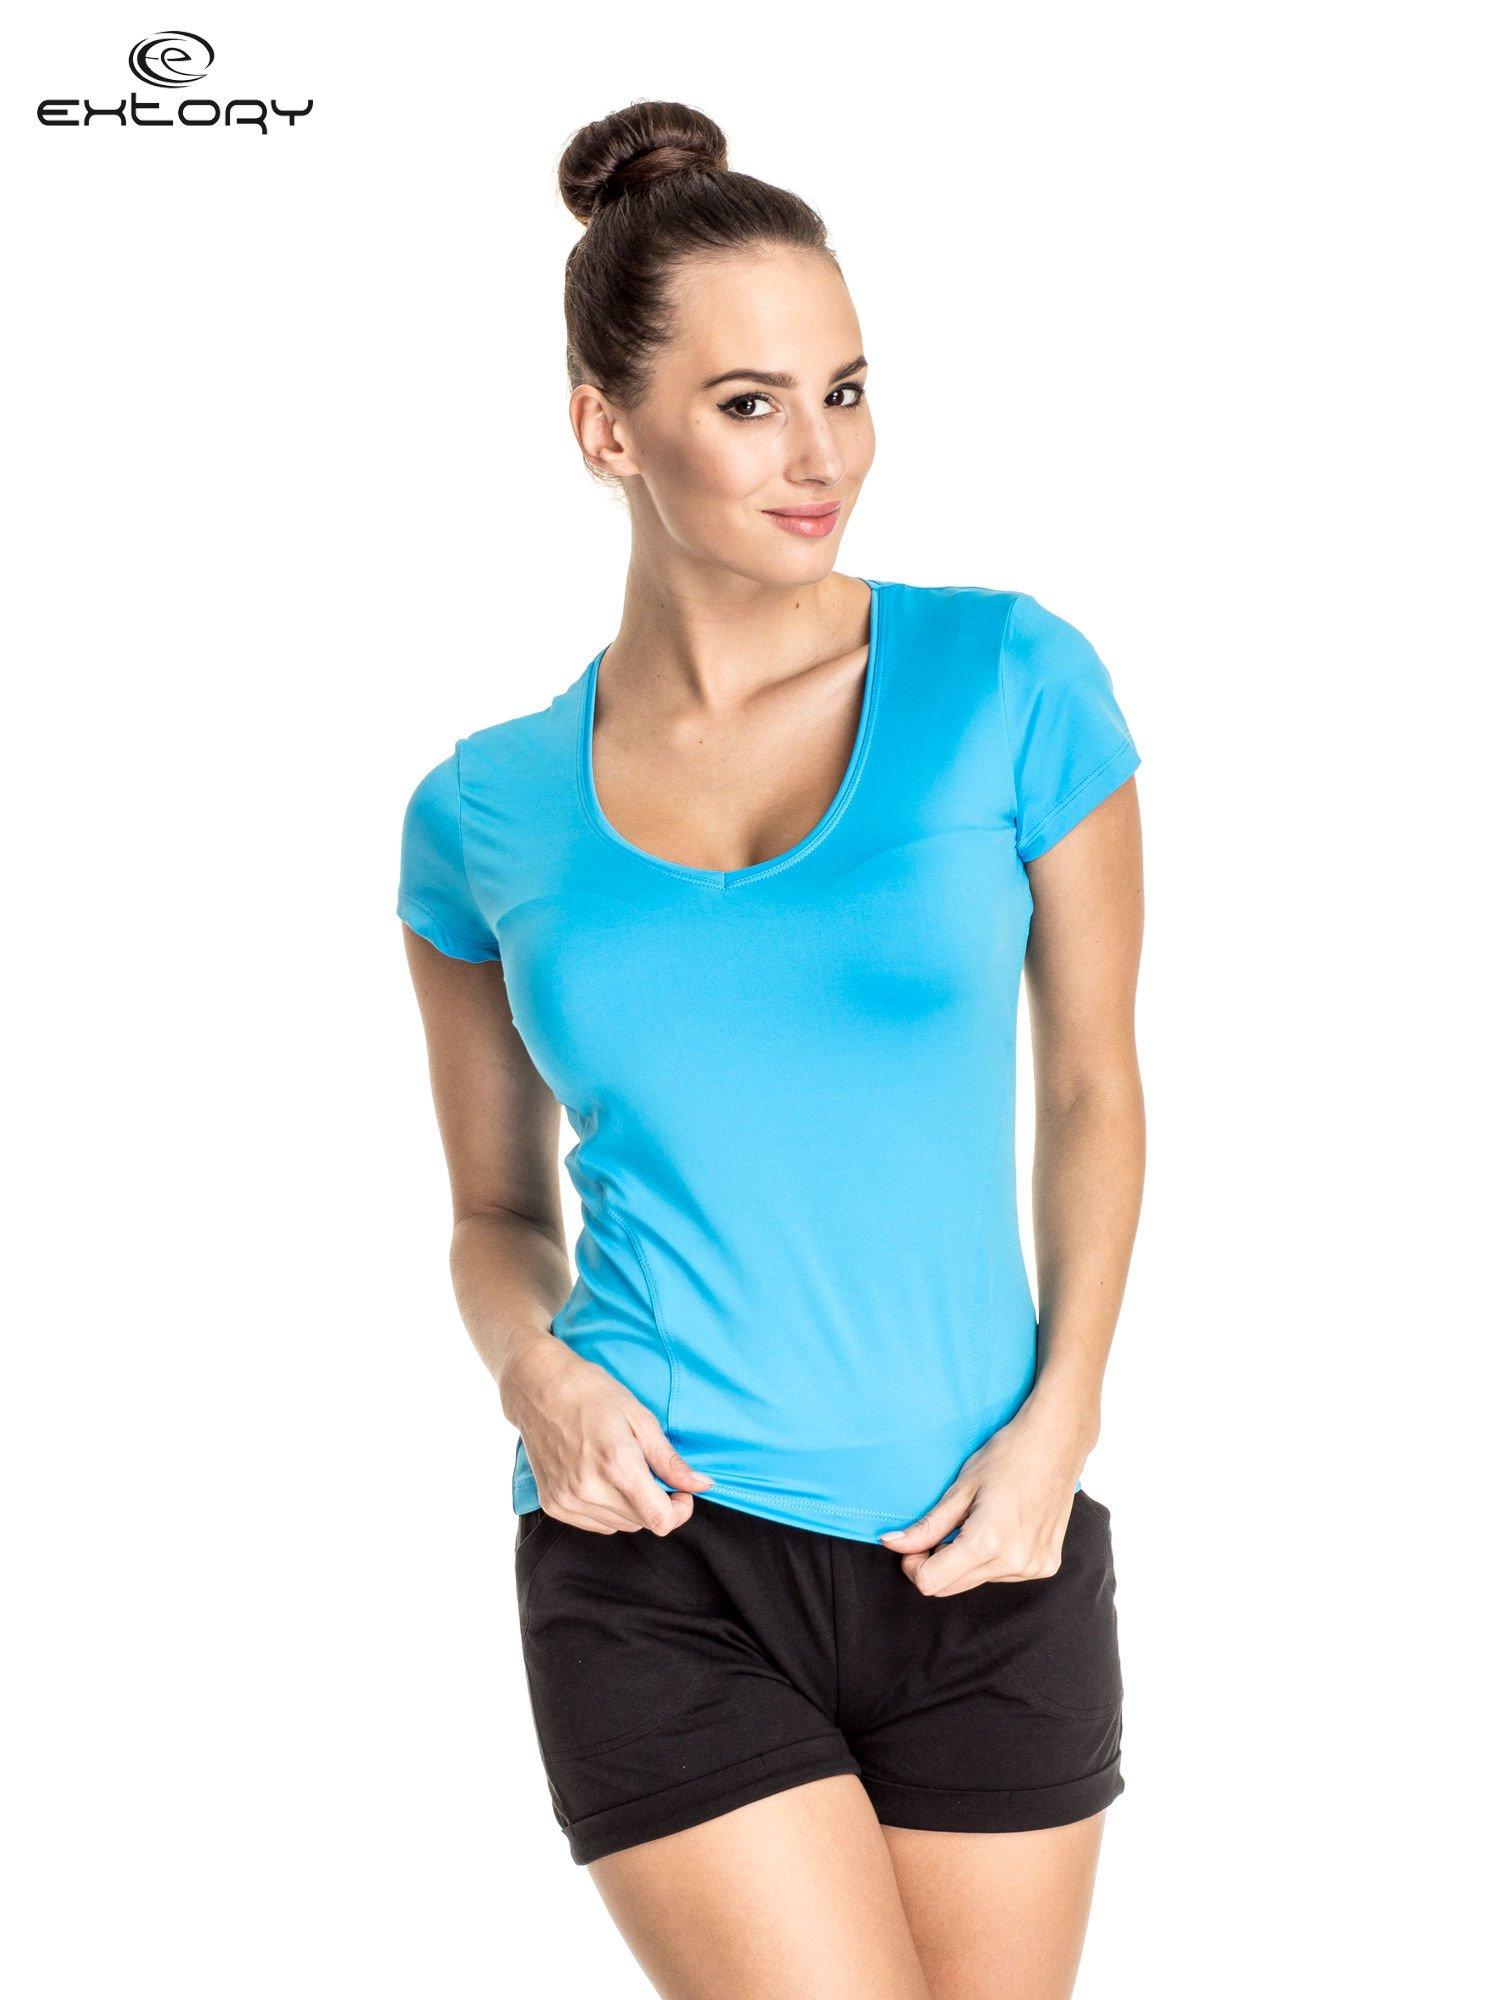 Niebieski t-shirt sportowy z dekoltem U                                  zdj.                                  1